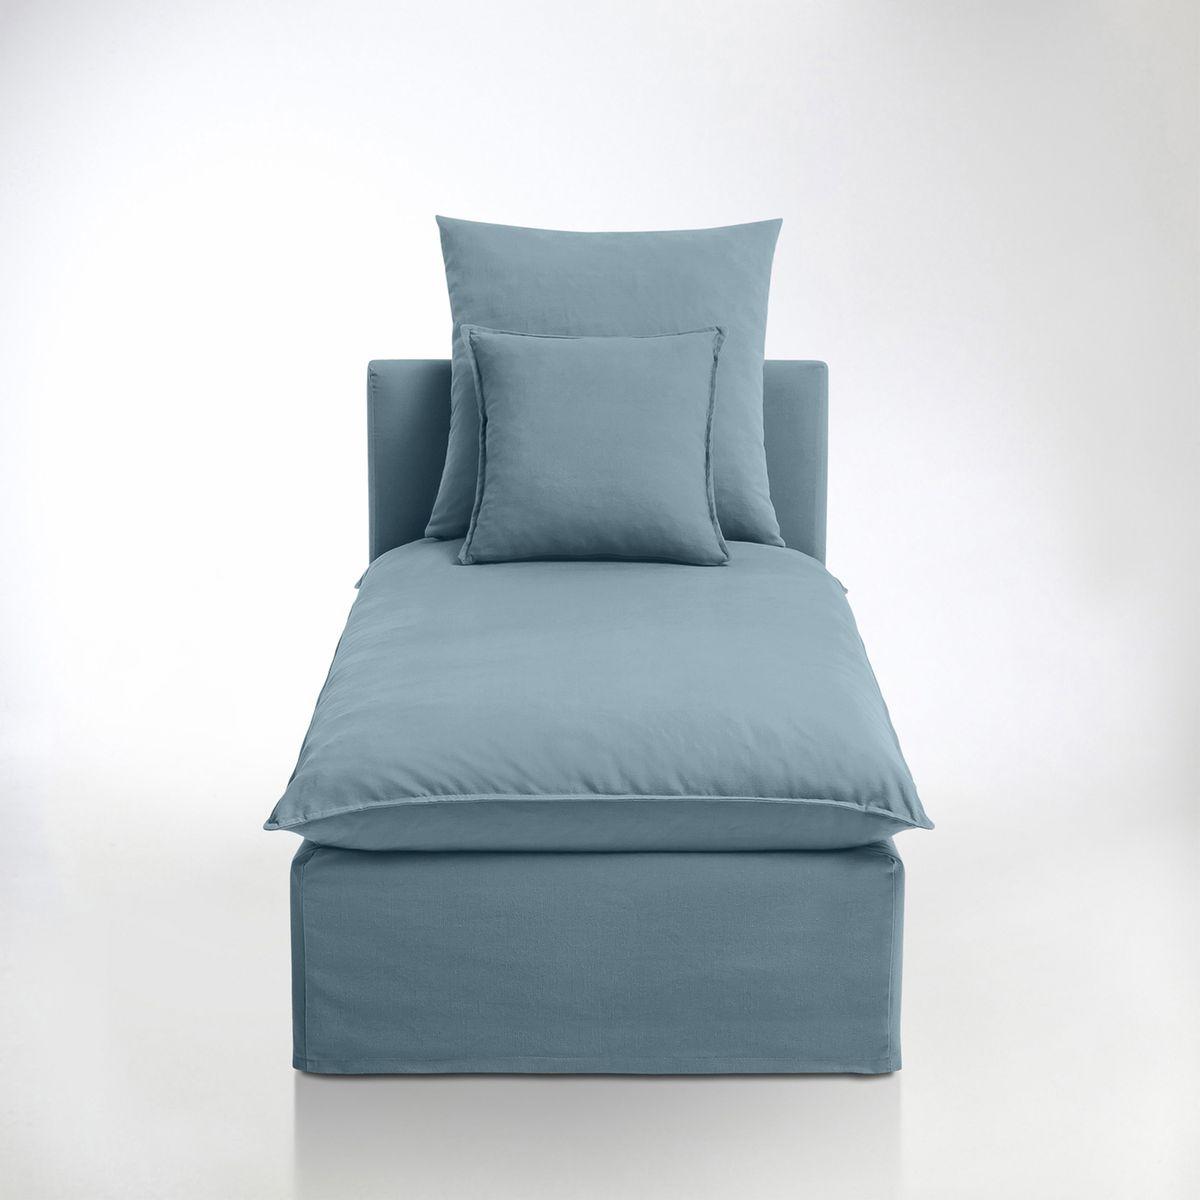 prix des m ridienne. Black Bedroom Furniture Sets. Home Design Ideas